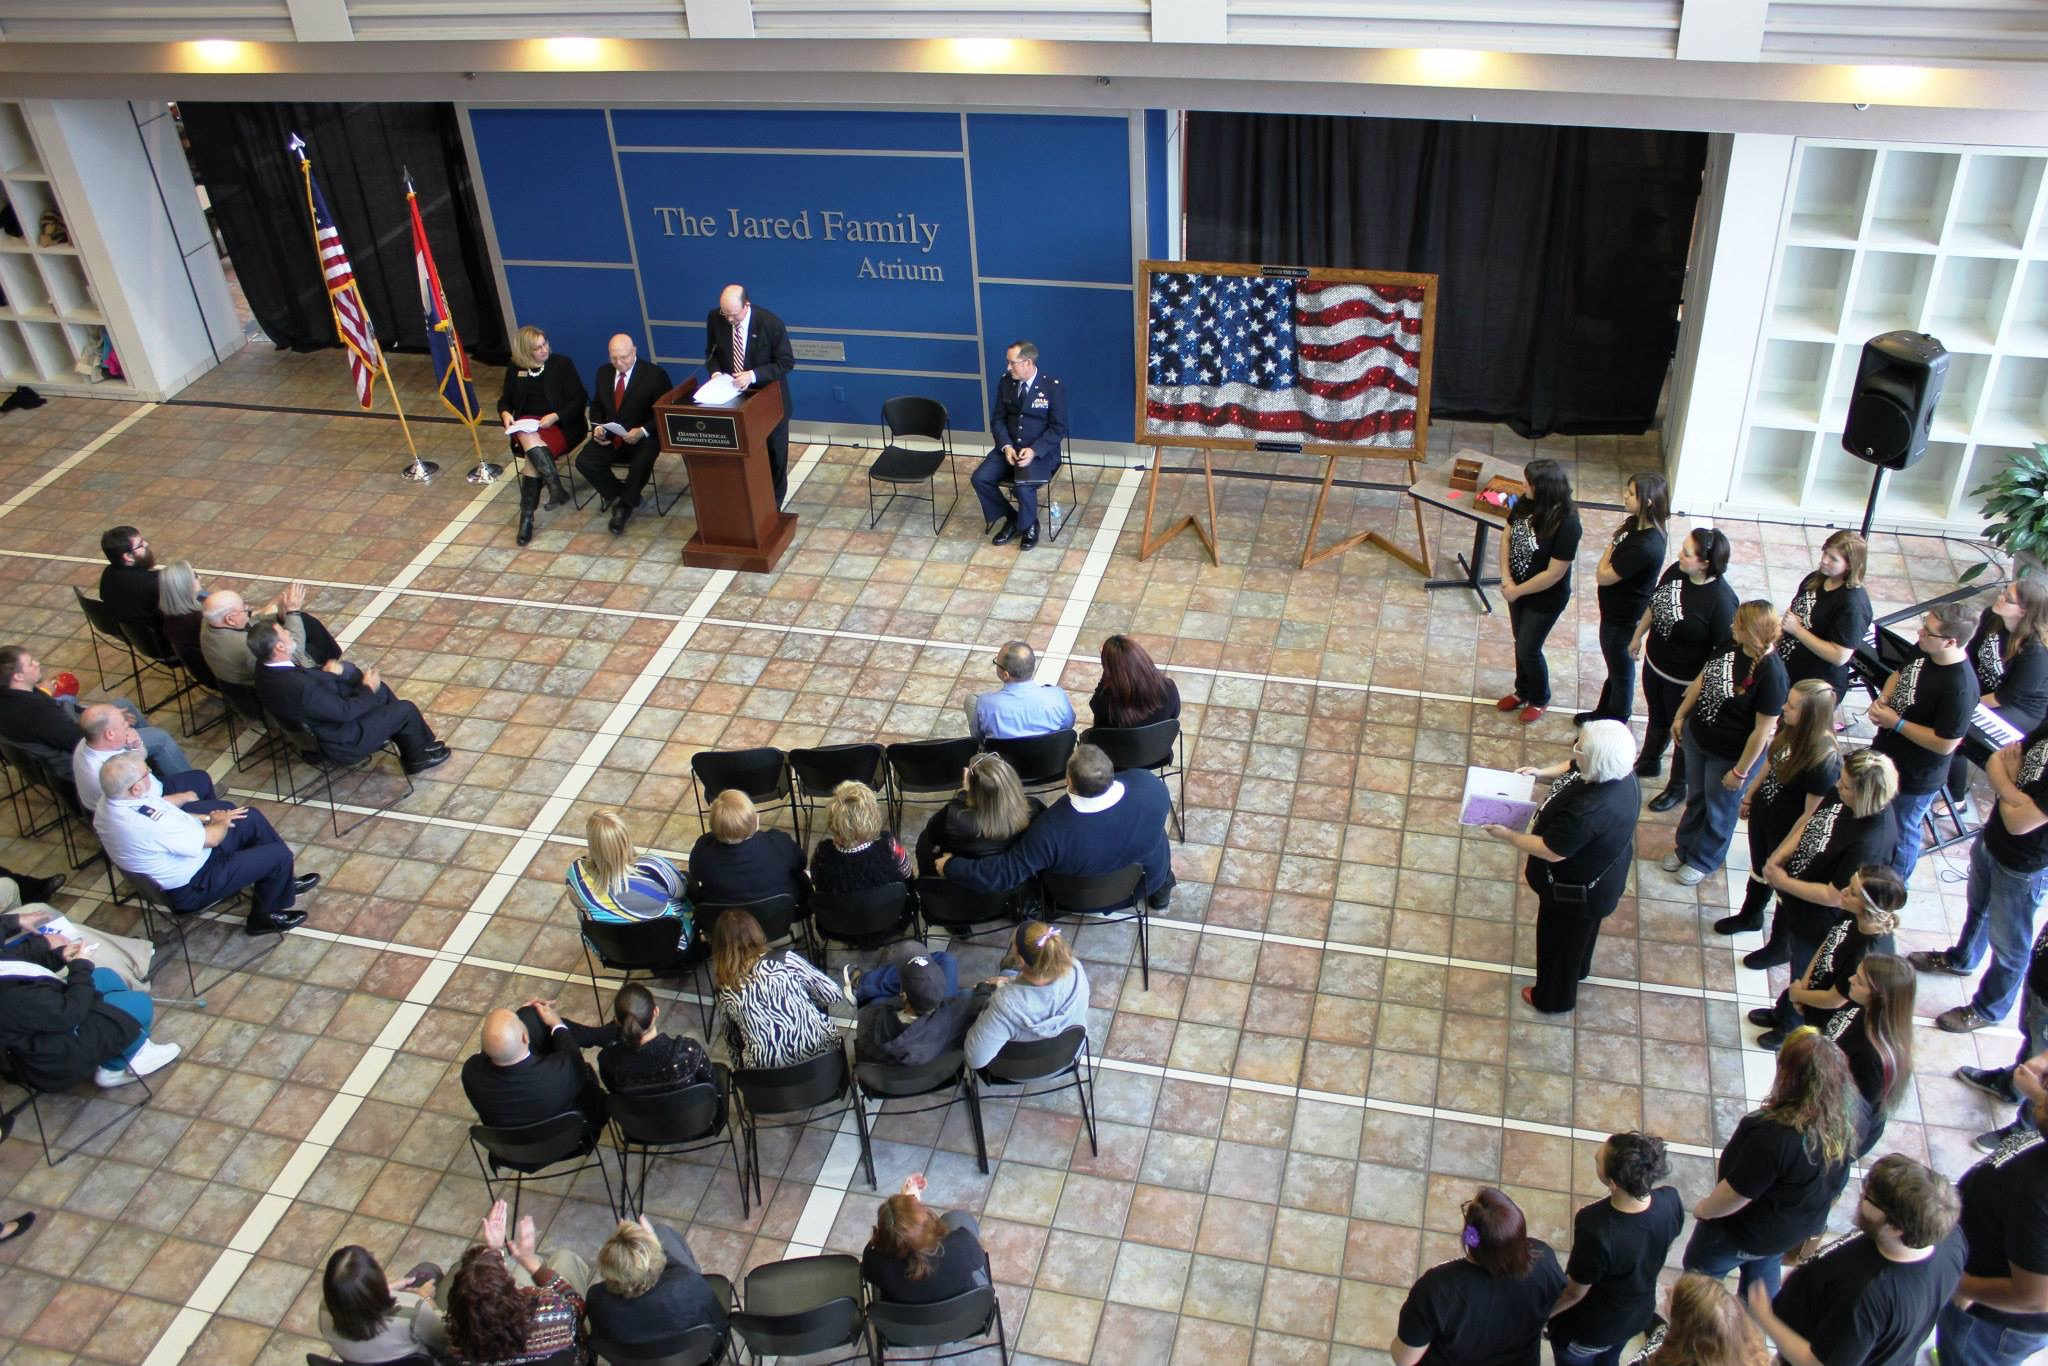 OTC observes Veterans Day